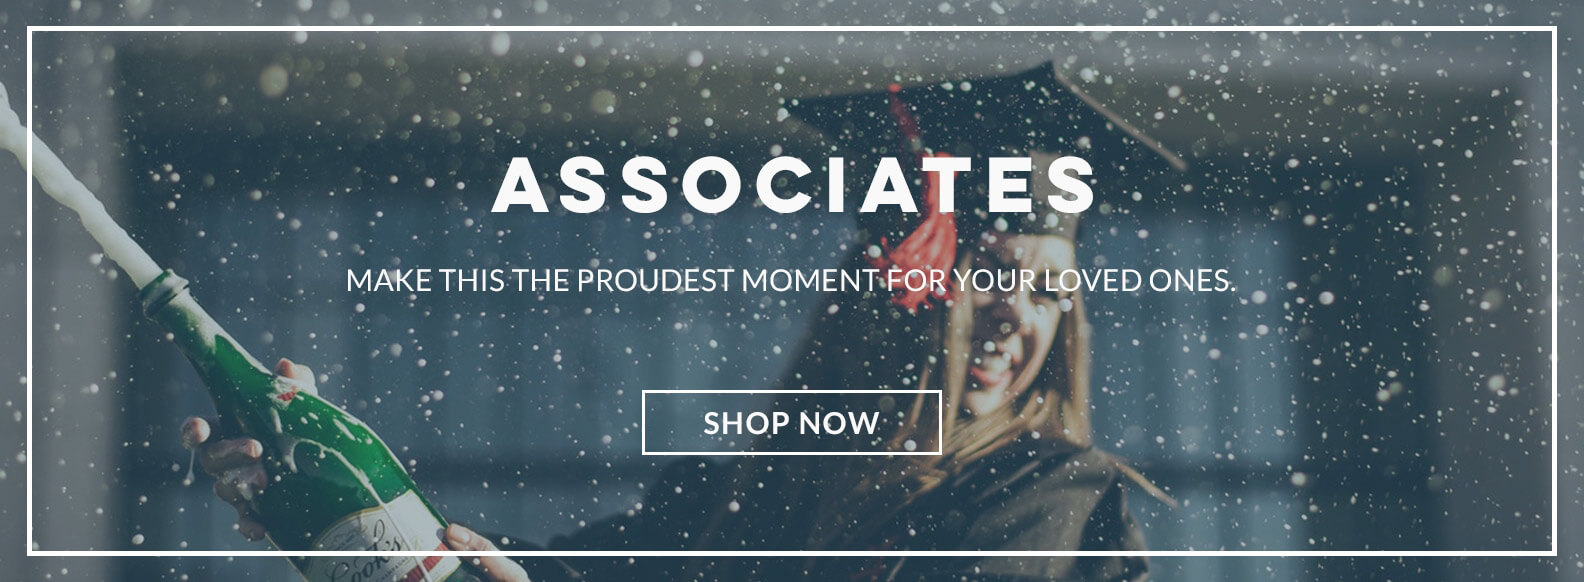 associates page title